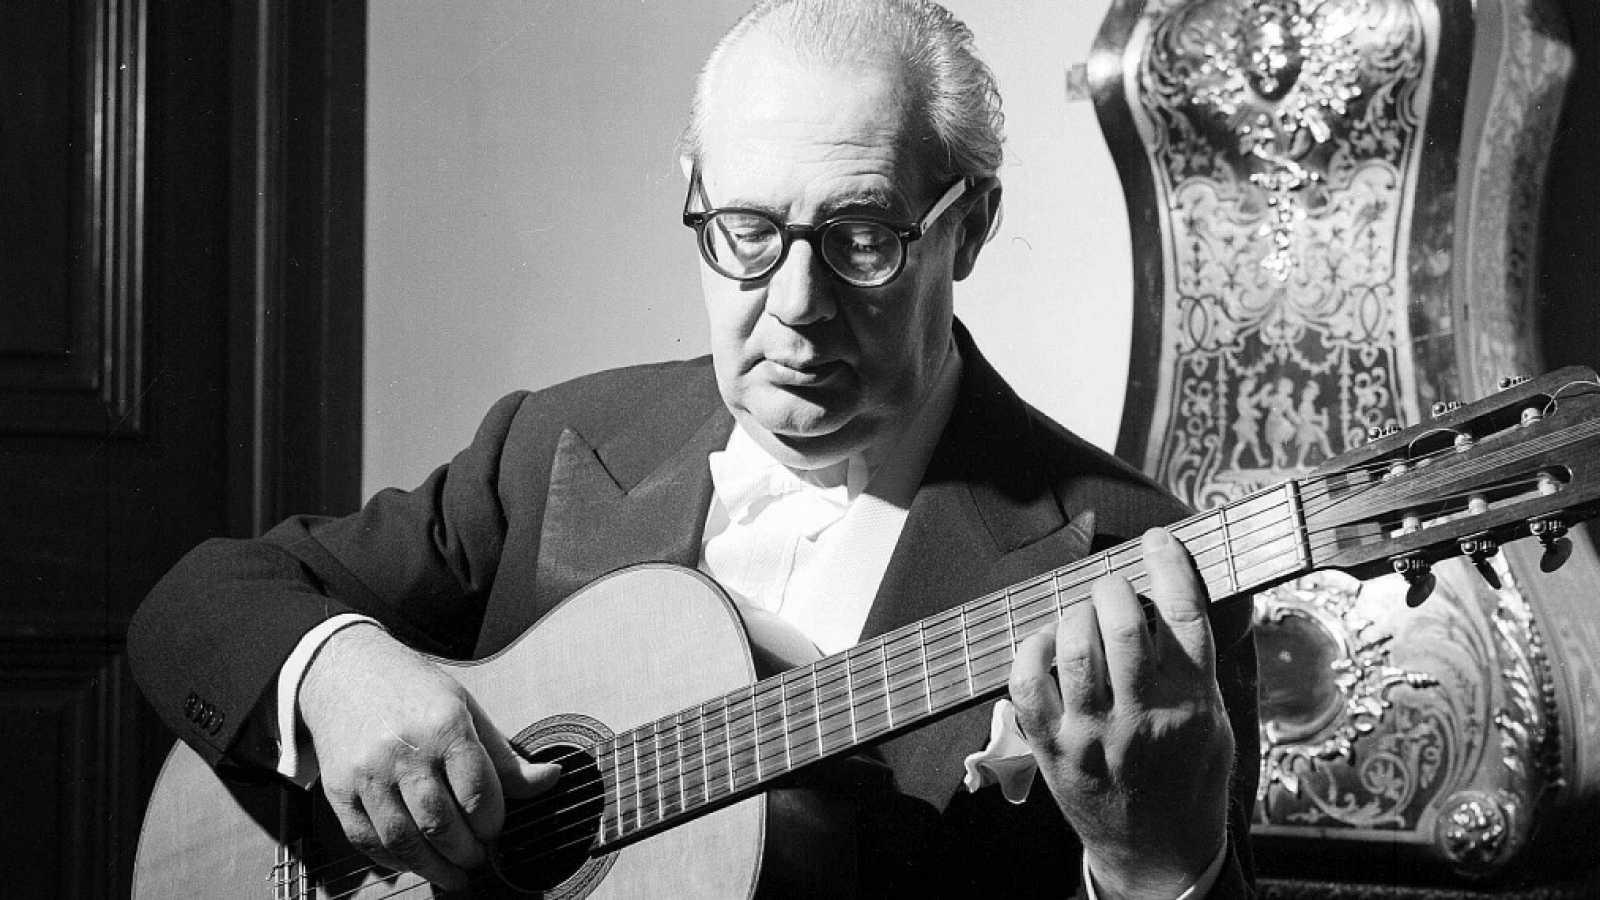 La guitarra - Andrés Segovia, en el 125 aniversario de su nacimiento (y V) - 16/06/18 - escuchar ahora